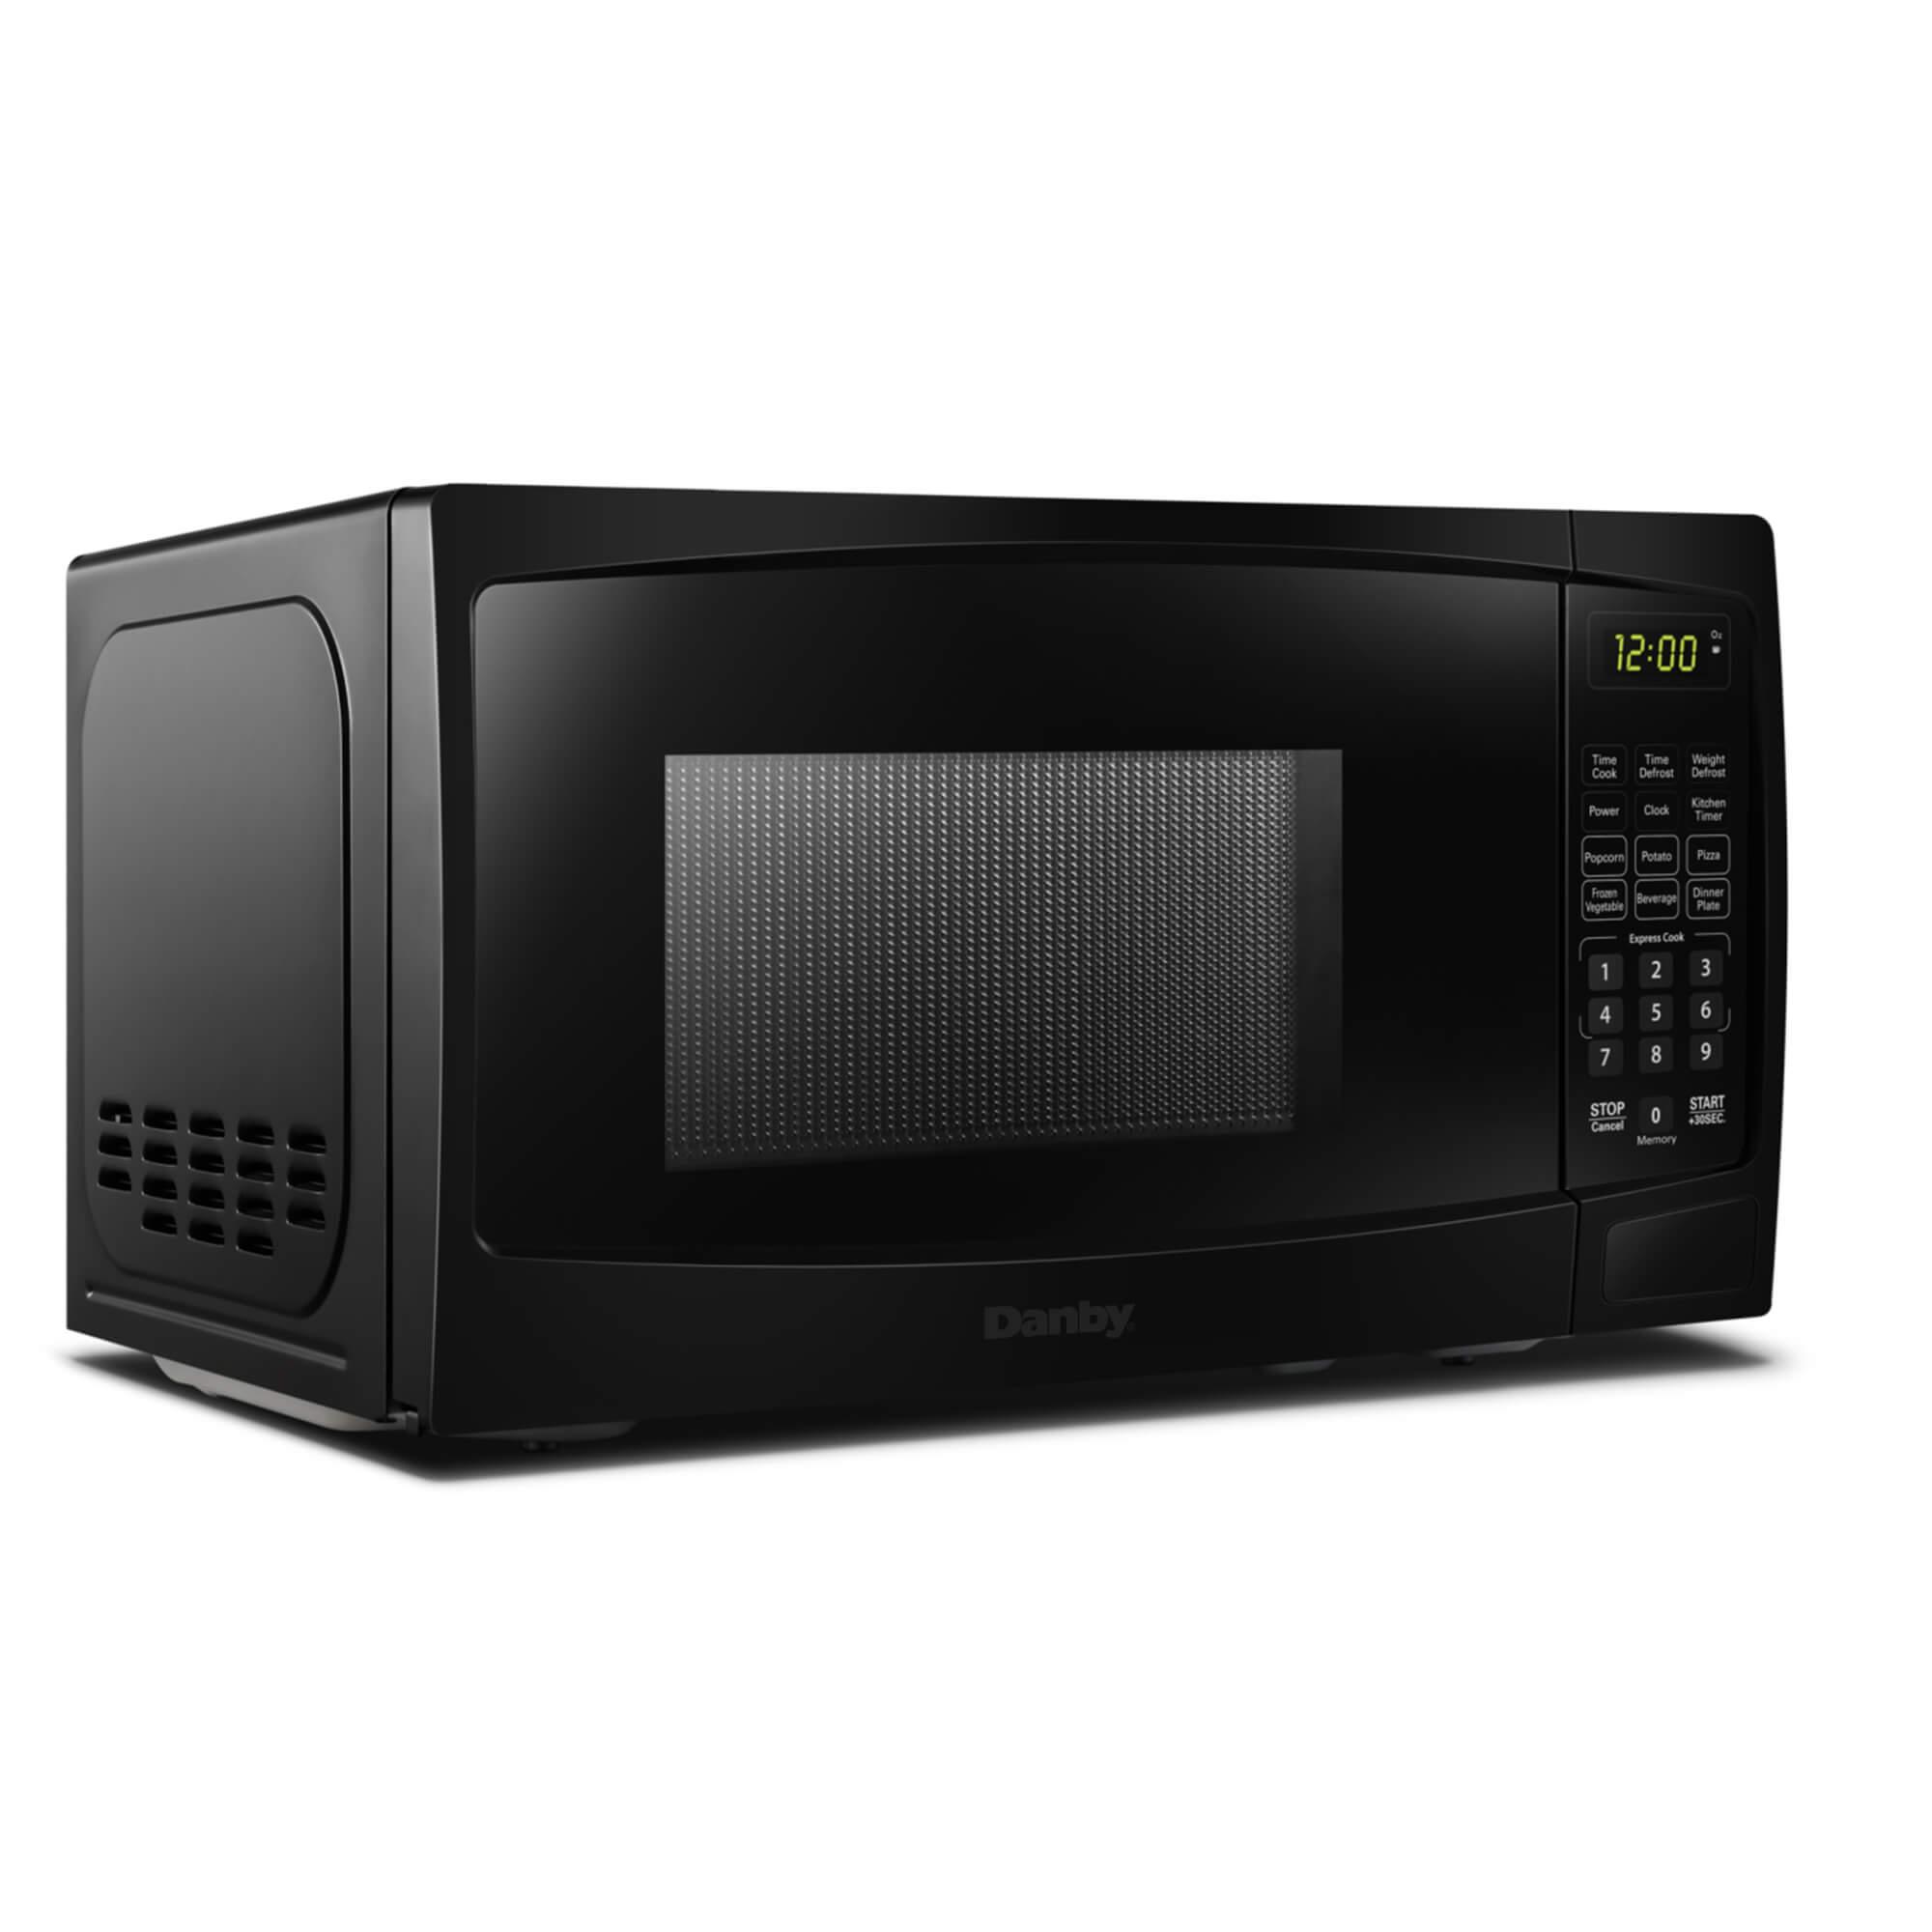 0.7 cu. ft. Danby® Microwave DBMW0720BBB